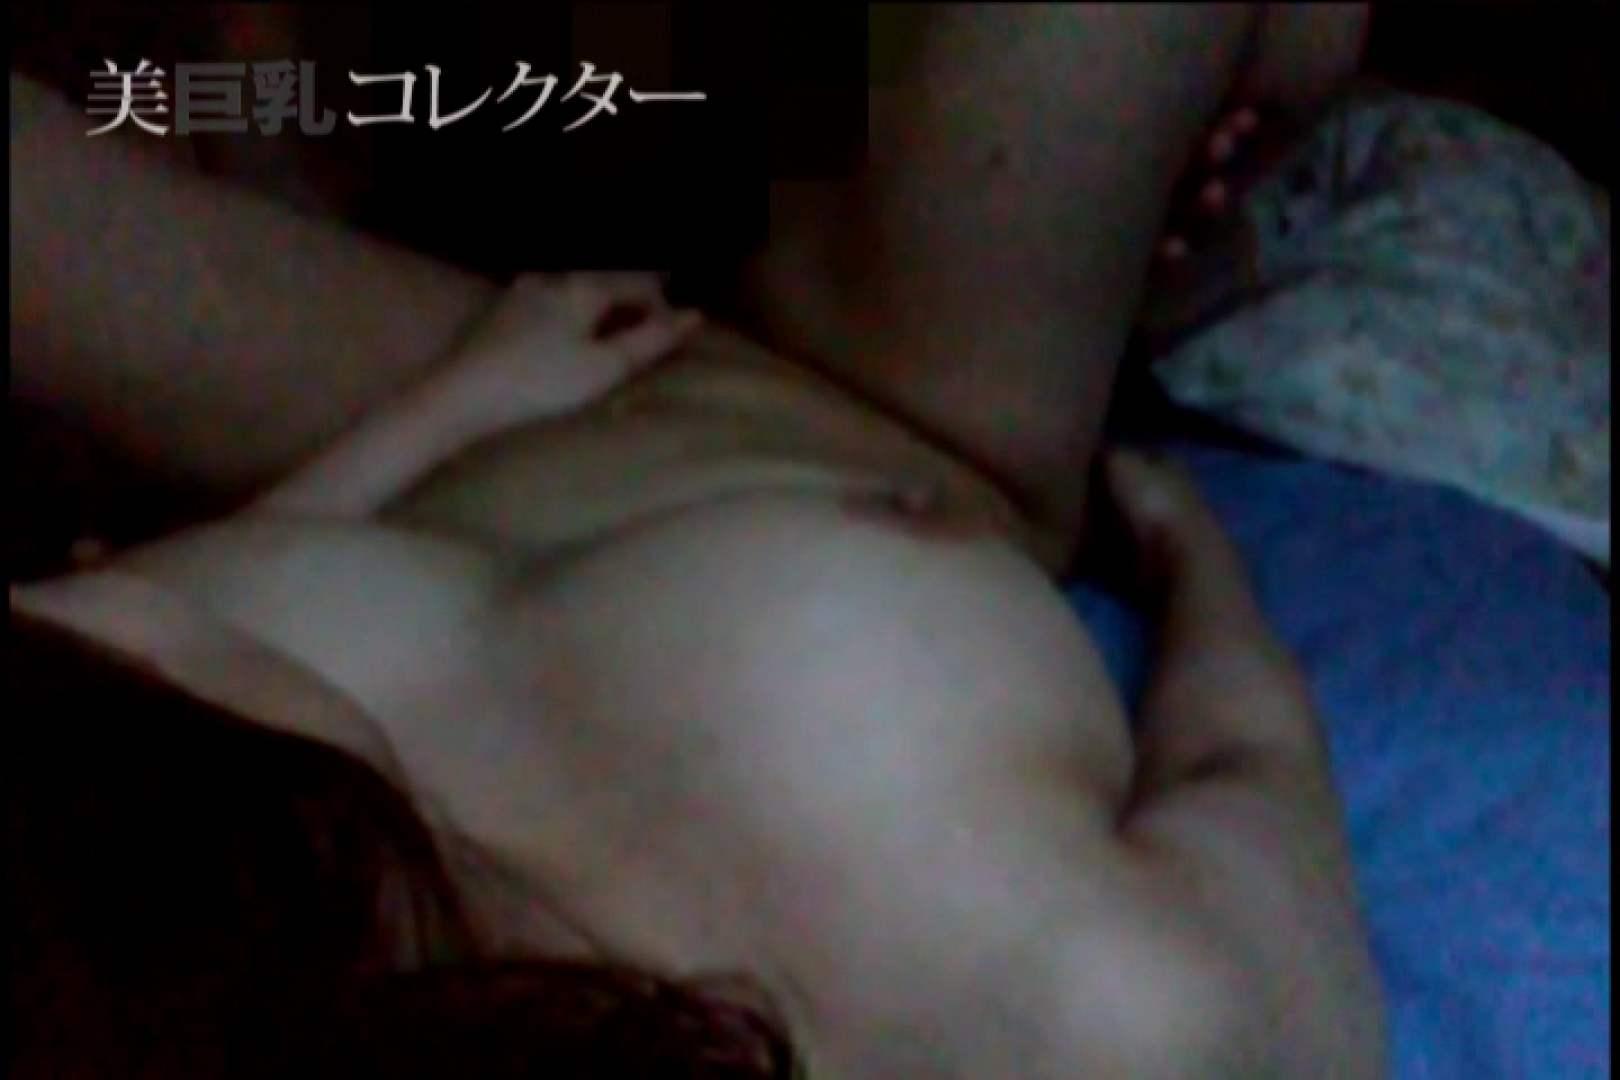 泥酔Hカップ爆乳ギャル3 SEX | 隠撮  58pic 45